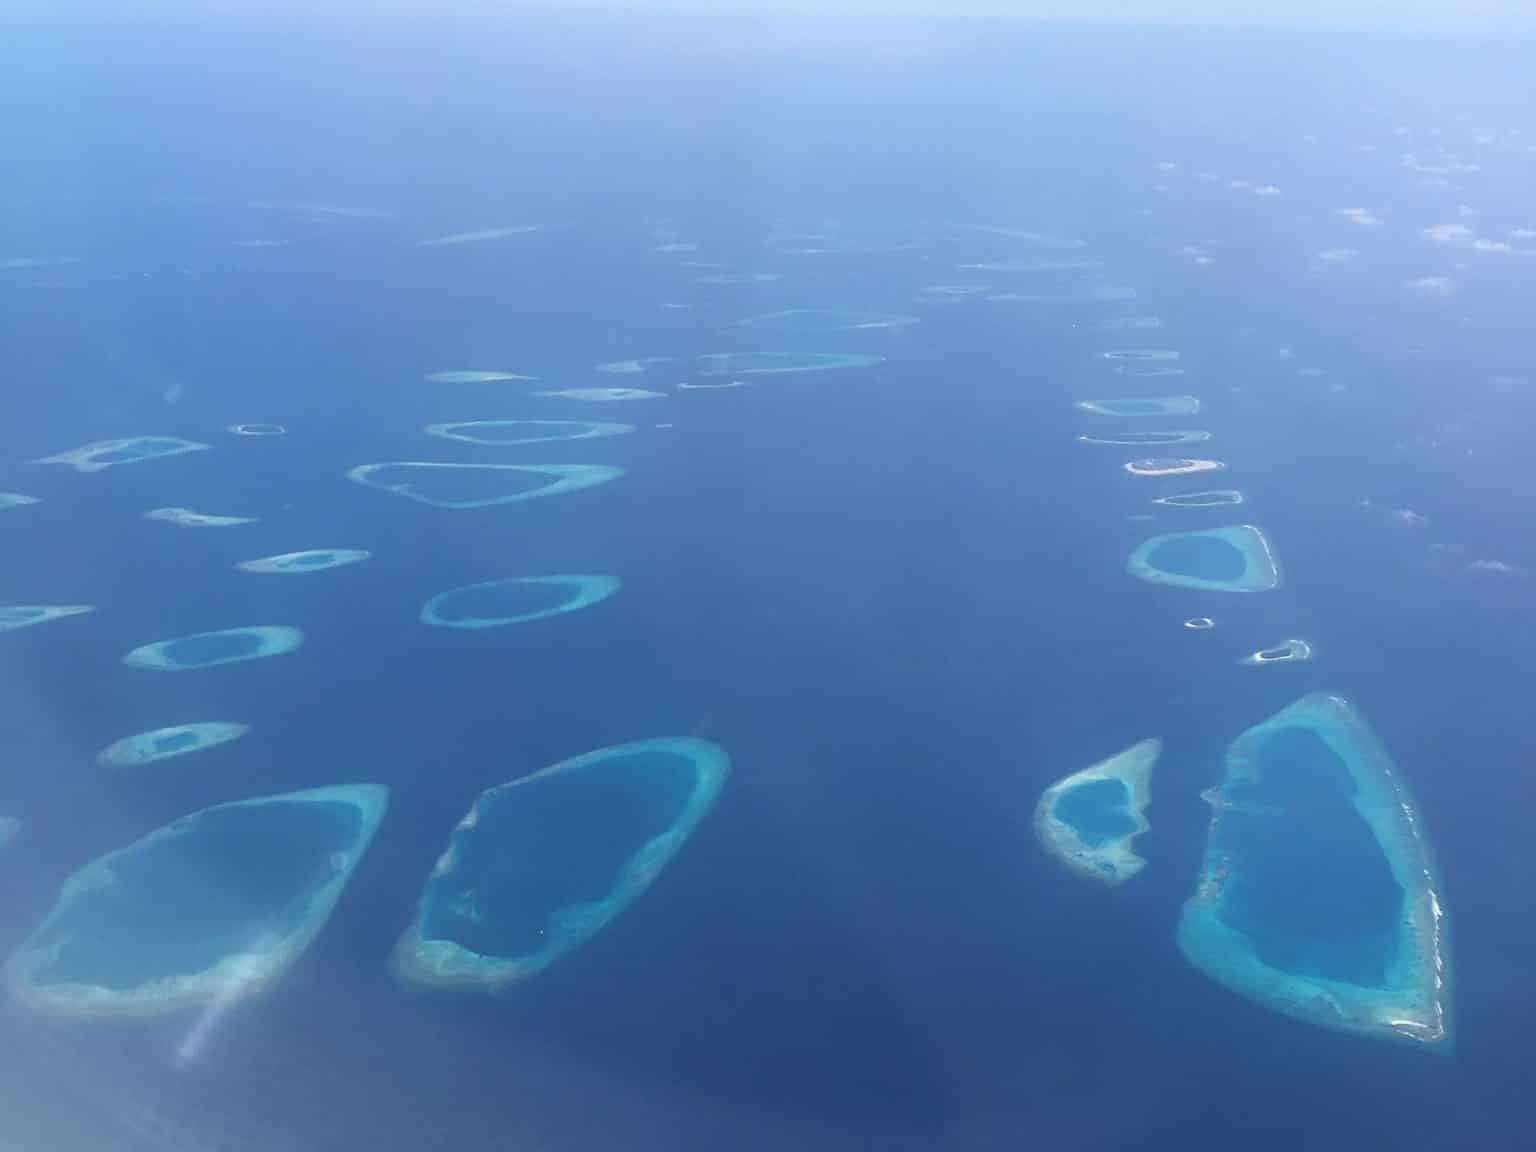 Malediven, Coco Palm Dhuni Kolhu, Tauchen, Schnorcheln, Korallenriff, DiveOcean Maldives, Segeln, SUP, Stand Up Paddling, Reisen, Urlaub, Wanderlust, Luxusurlaub, Resort, Resortinsel, Coco Collection Malediven aus der Luft: Das Reich der Atolle ist ein Paradies auf Erden! Foto: Sascha Tegtmeyer